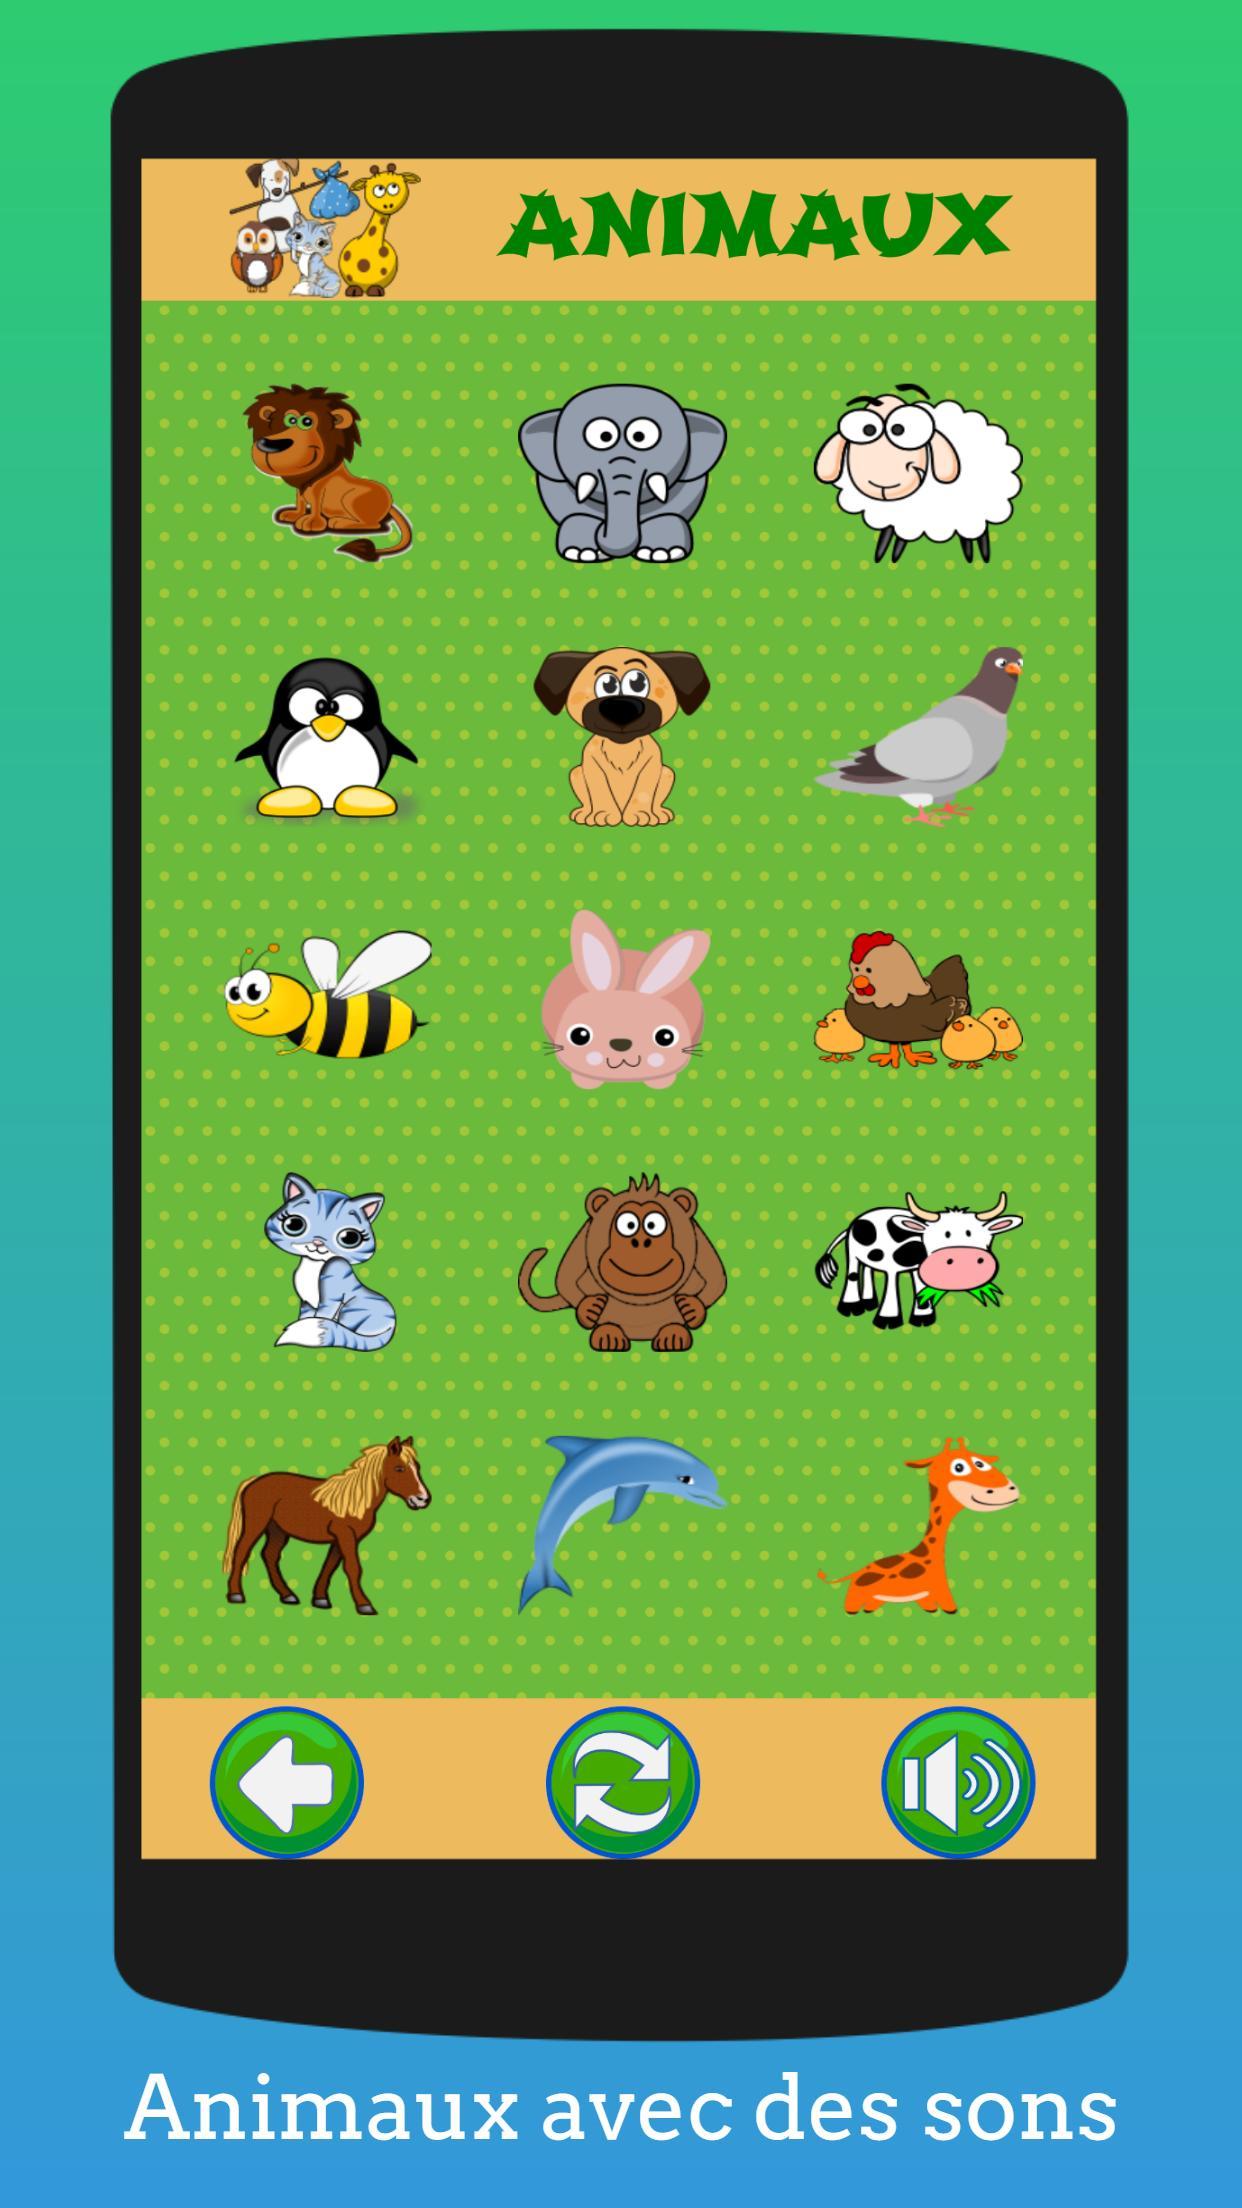 Jeux Éducatifs Pour Enfants (Préscolaire) Français Pour dedans Apprendre Les Animaux Jeux Éducatifs